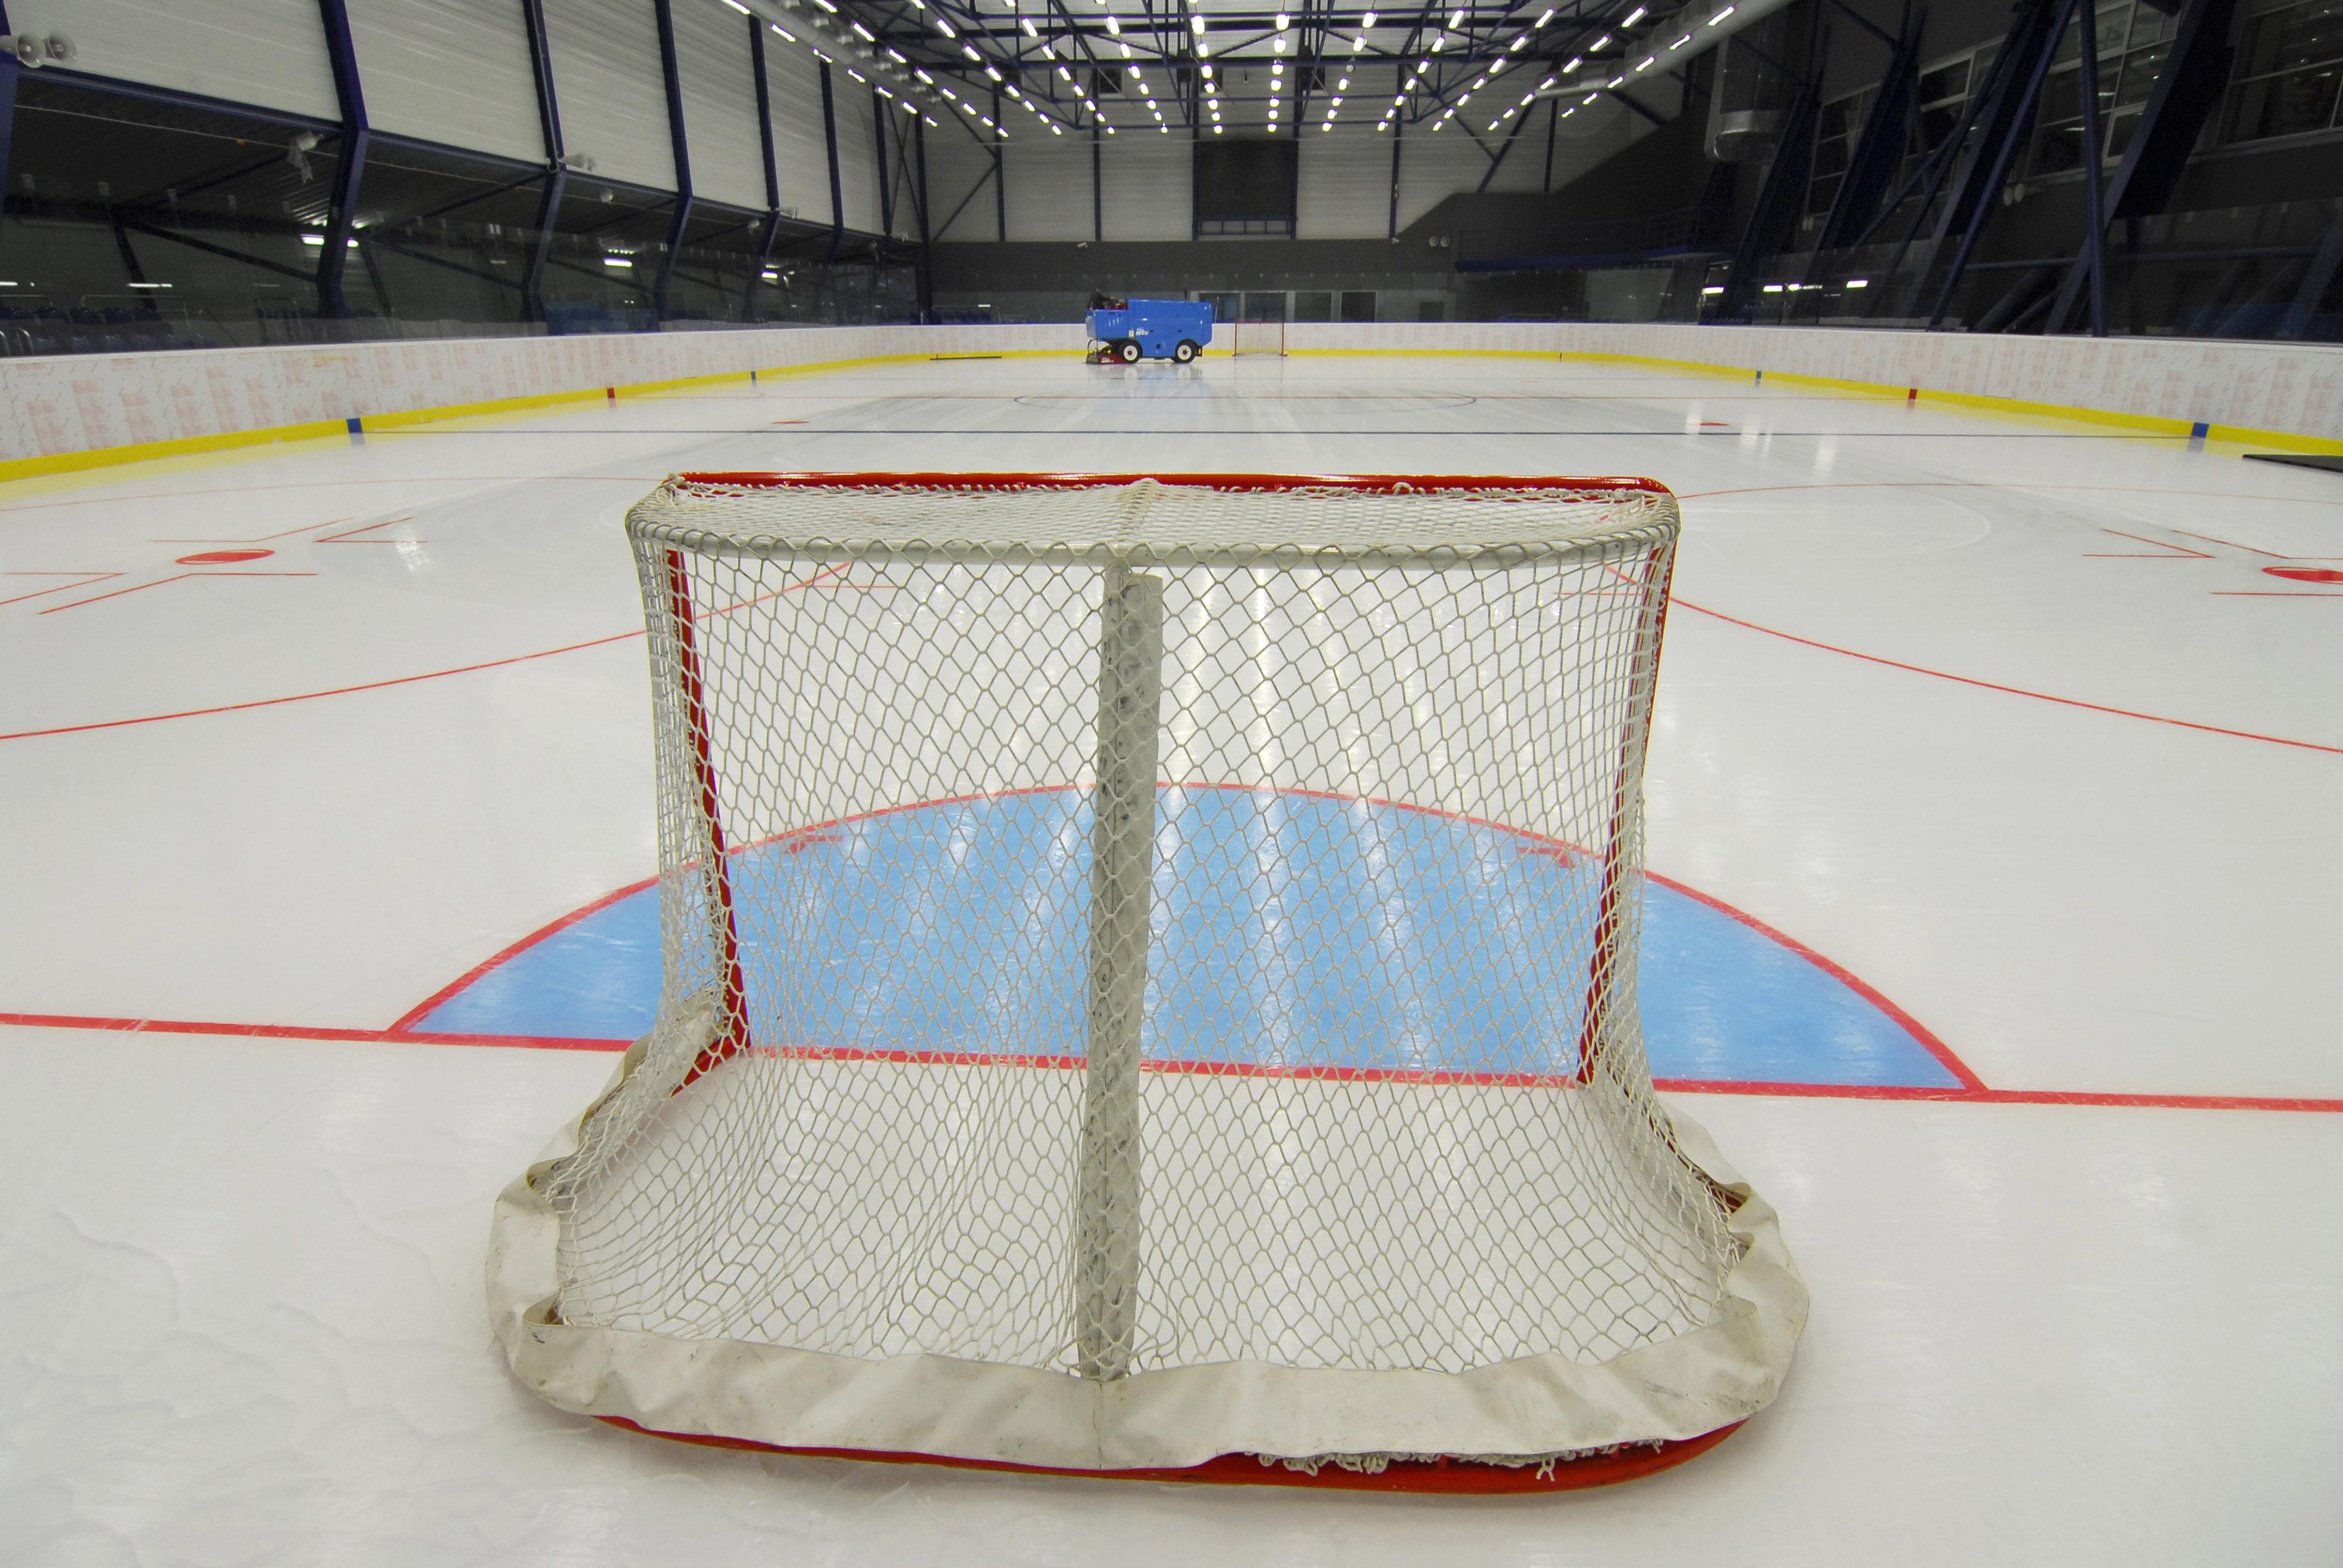 1207df638ddf6 prvý ¾ad tréningová hala hokejové majstrovstvá sveta   Glob.sk